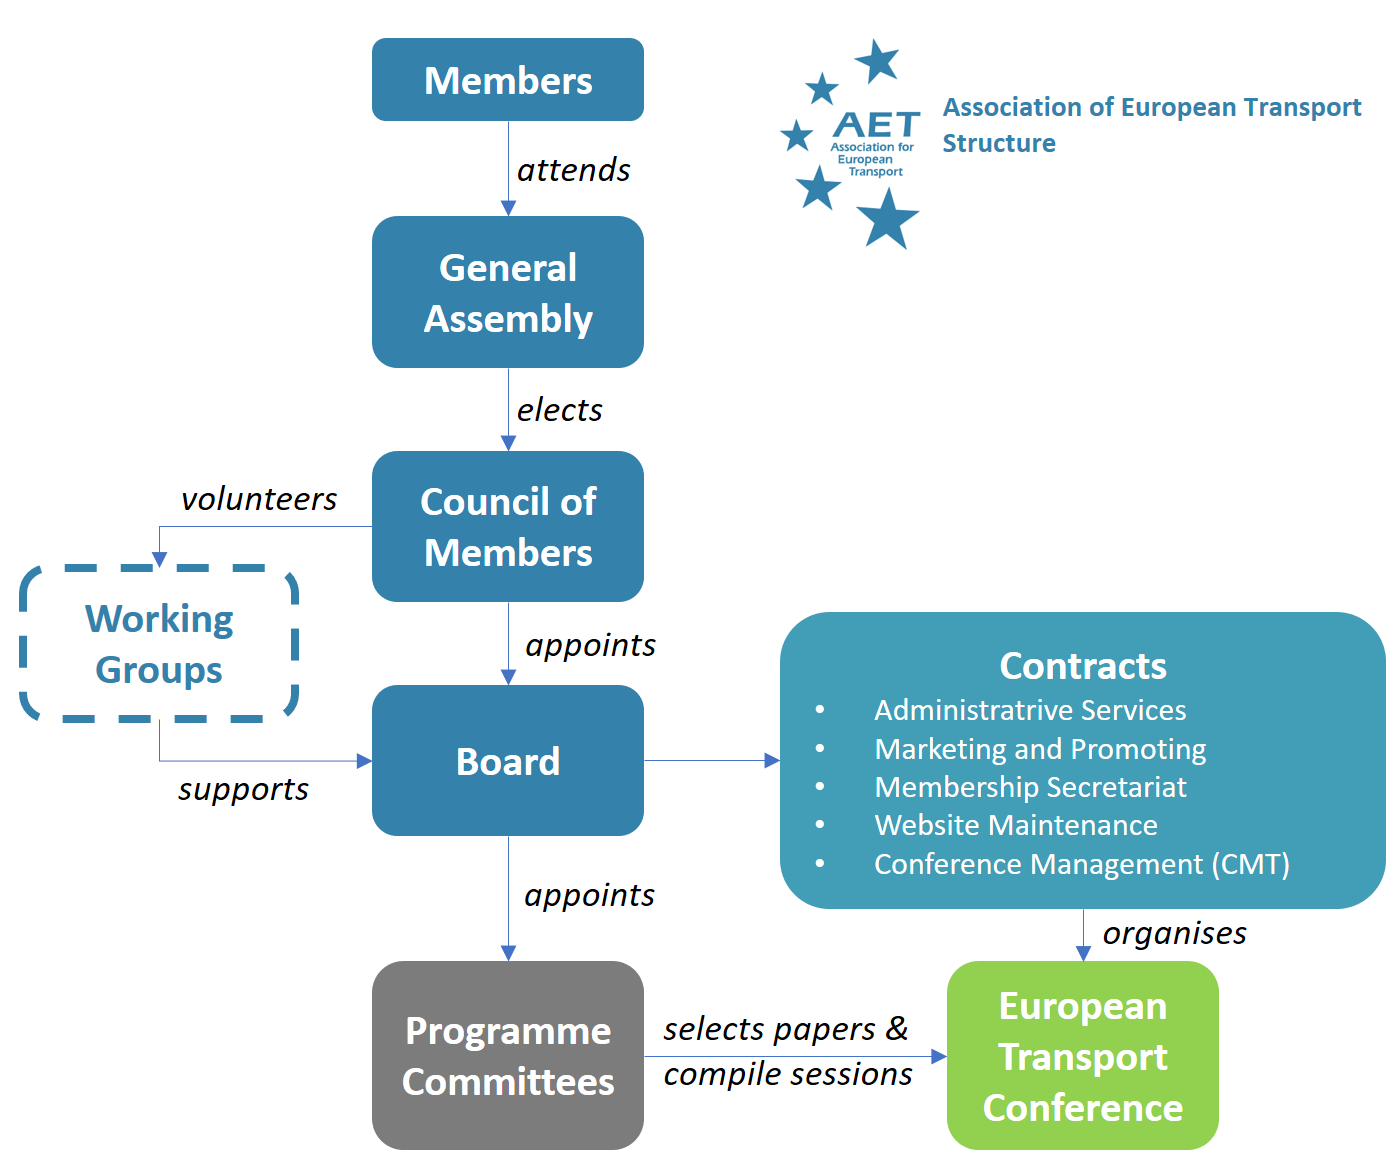 AET Organisation structure